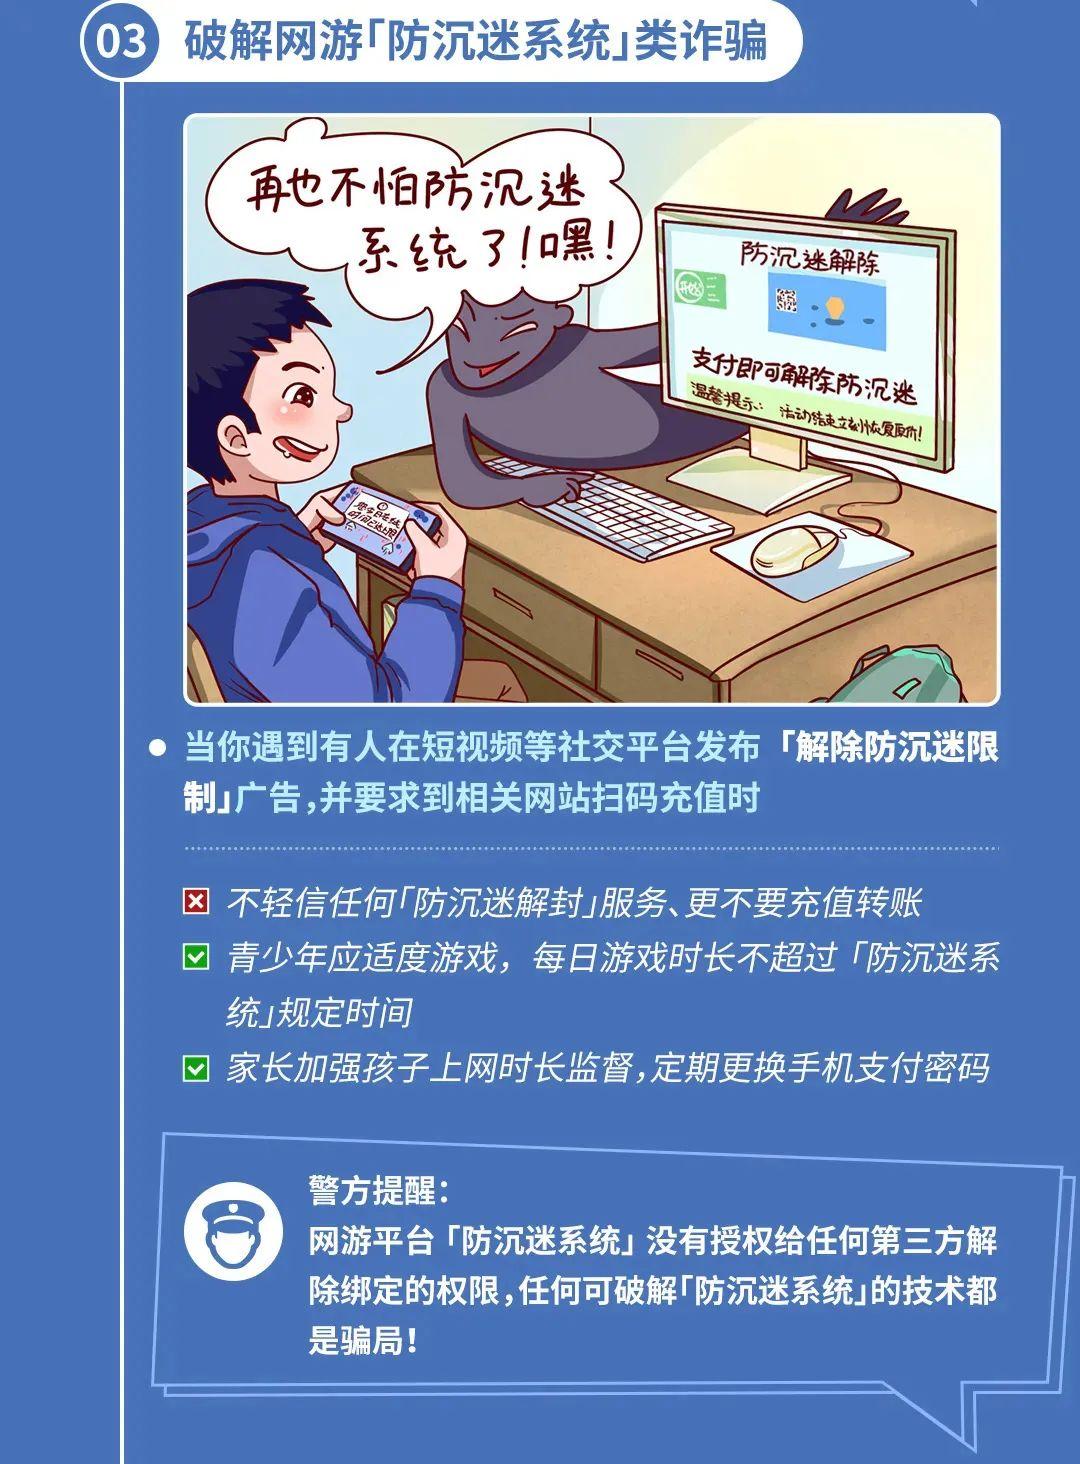 重磅发布!鞍山市网信办、公安局联合发布未成年人反诈指南